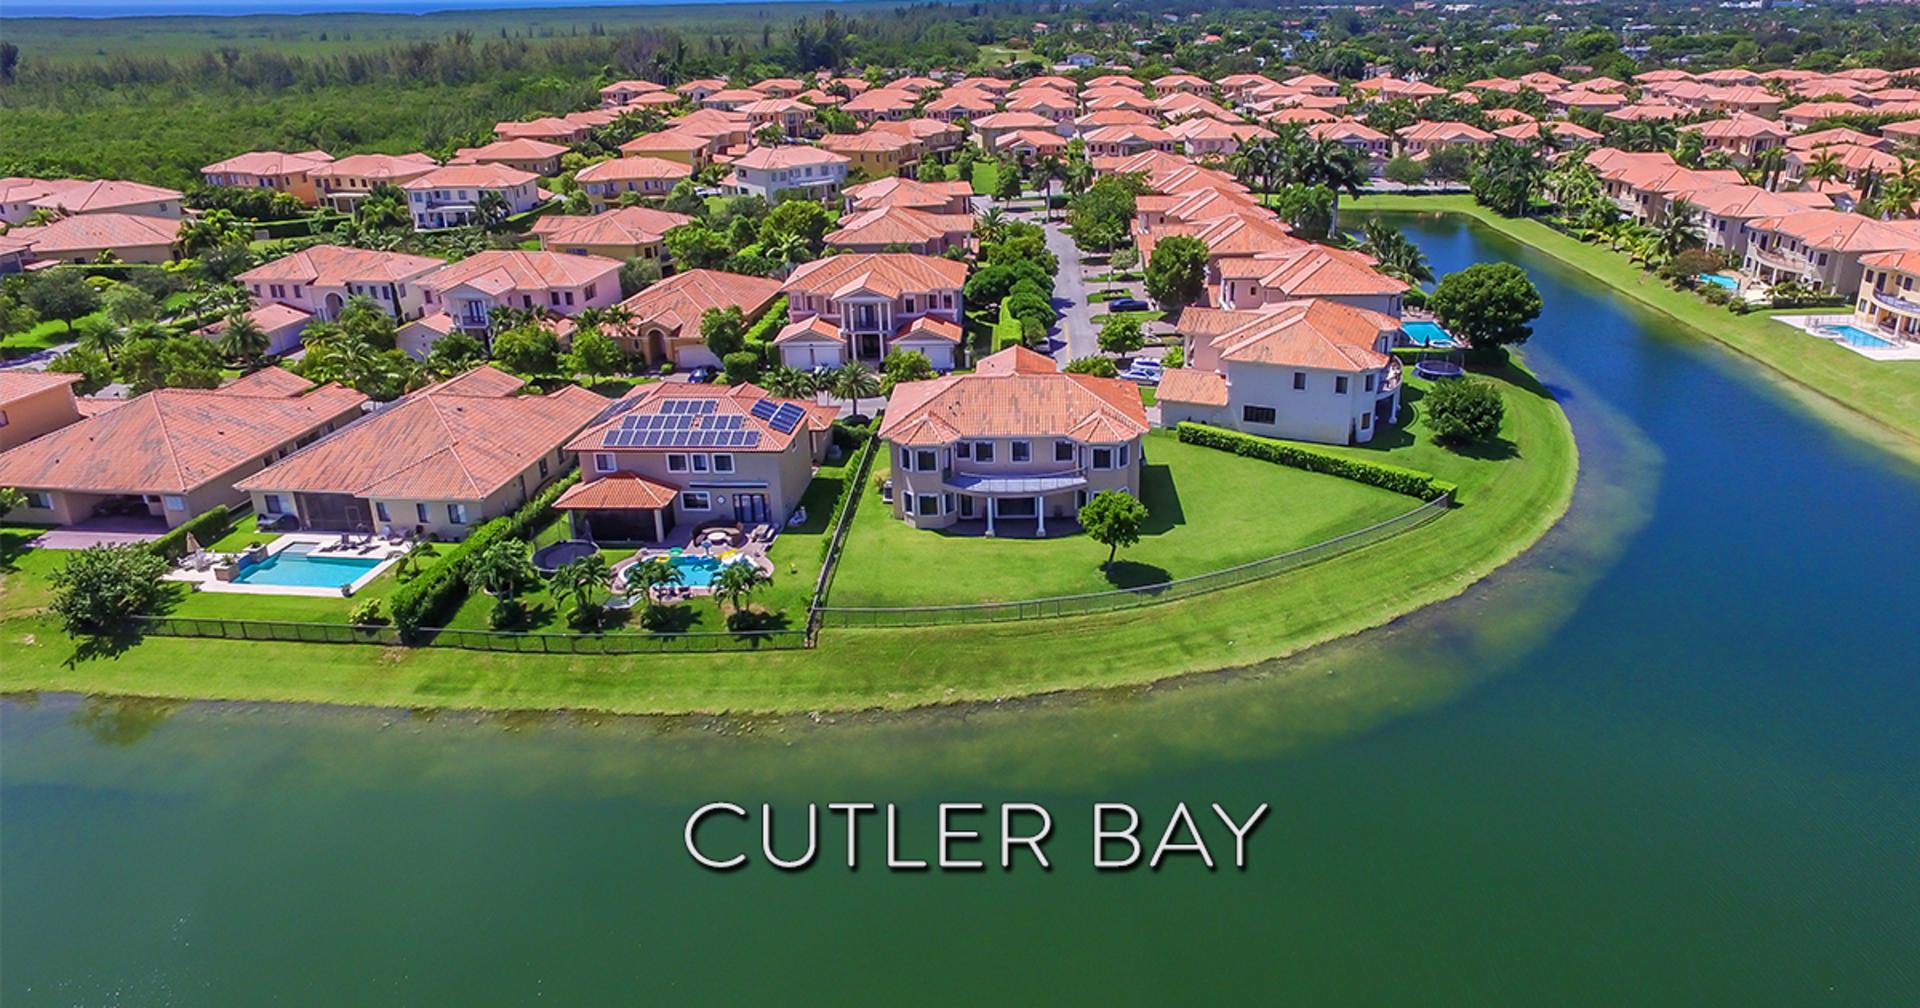 Cutler Bay